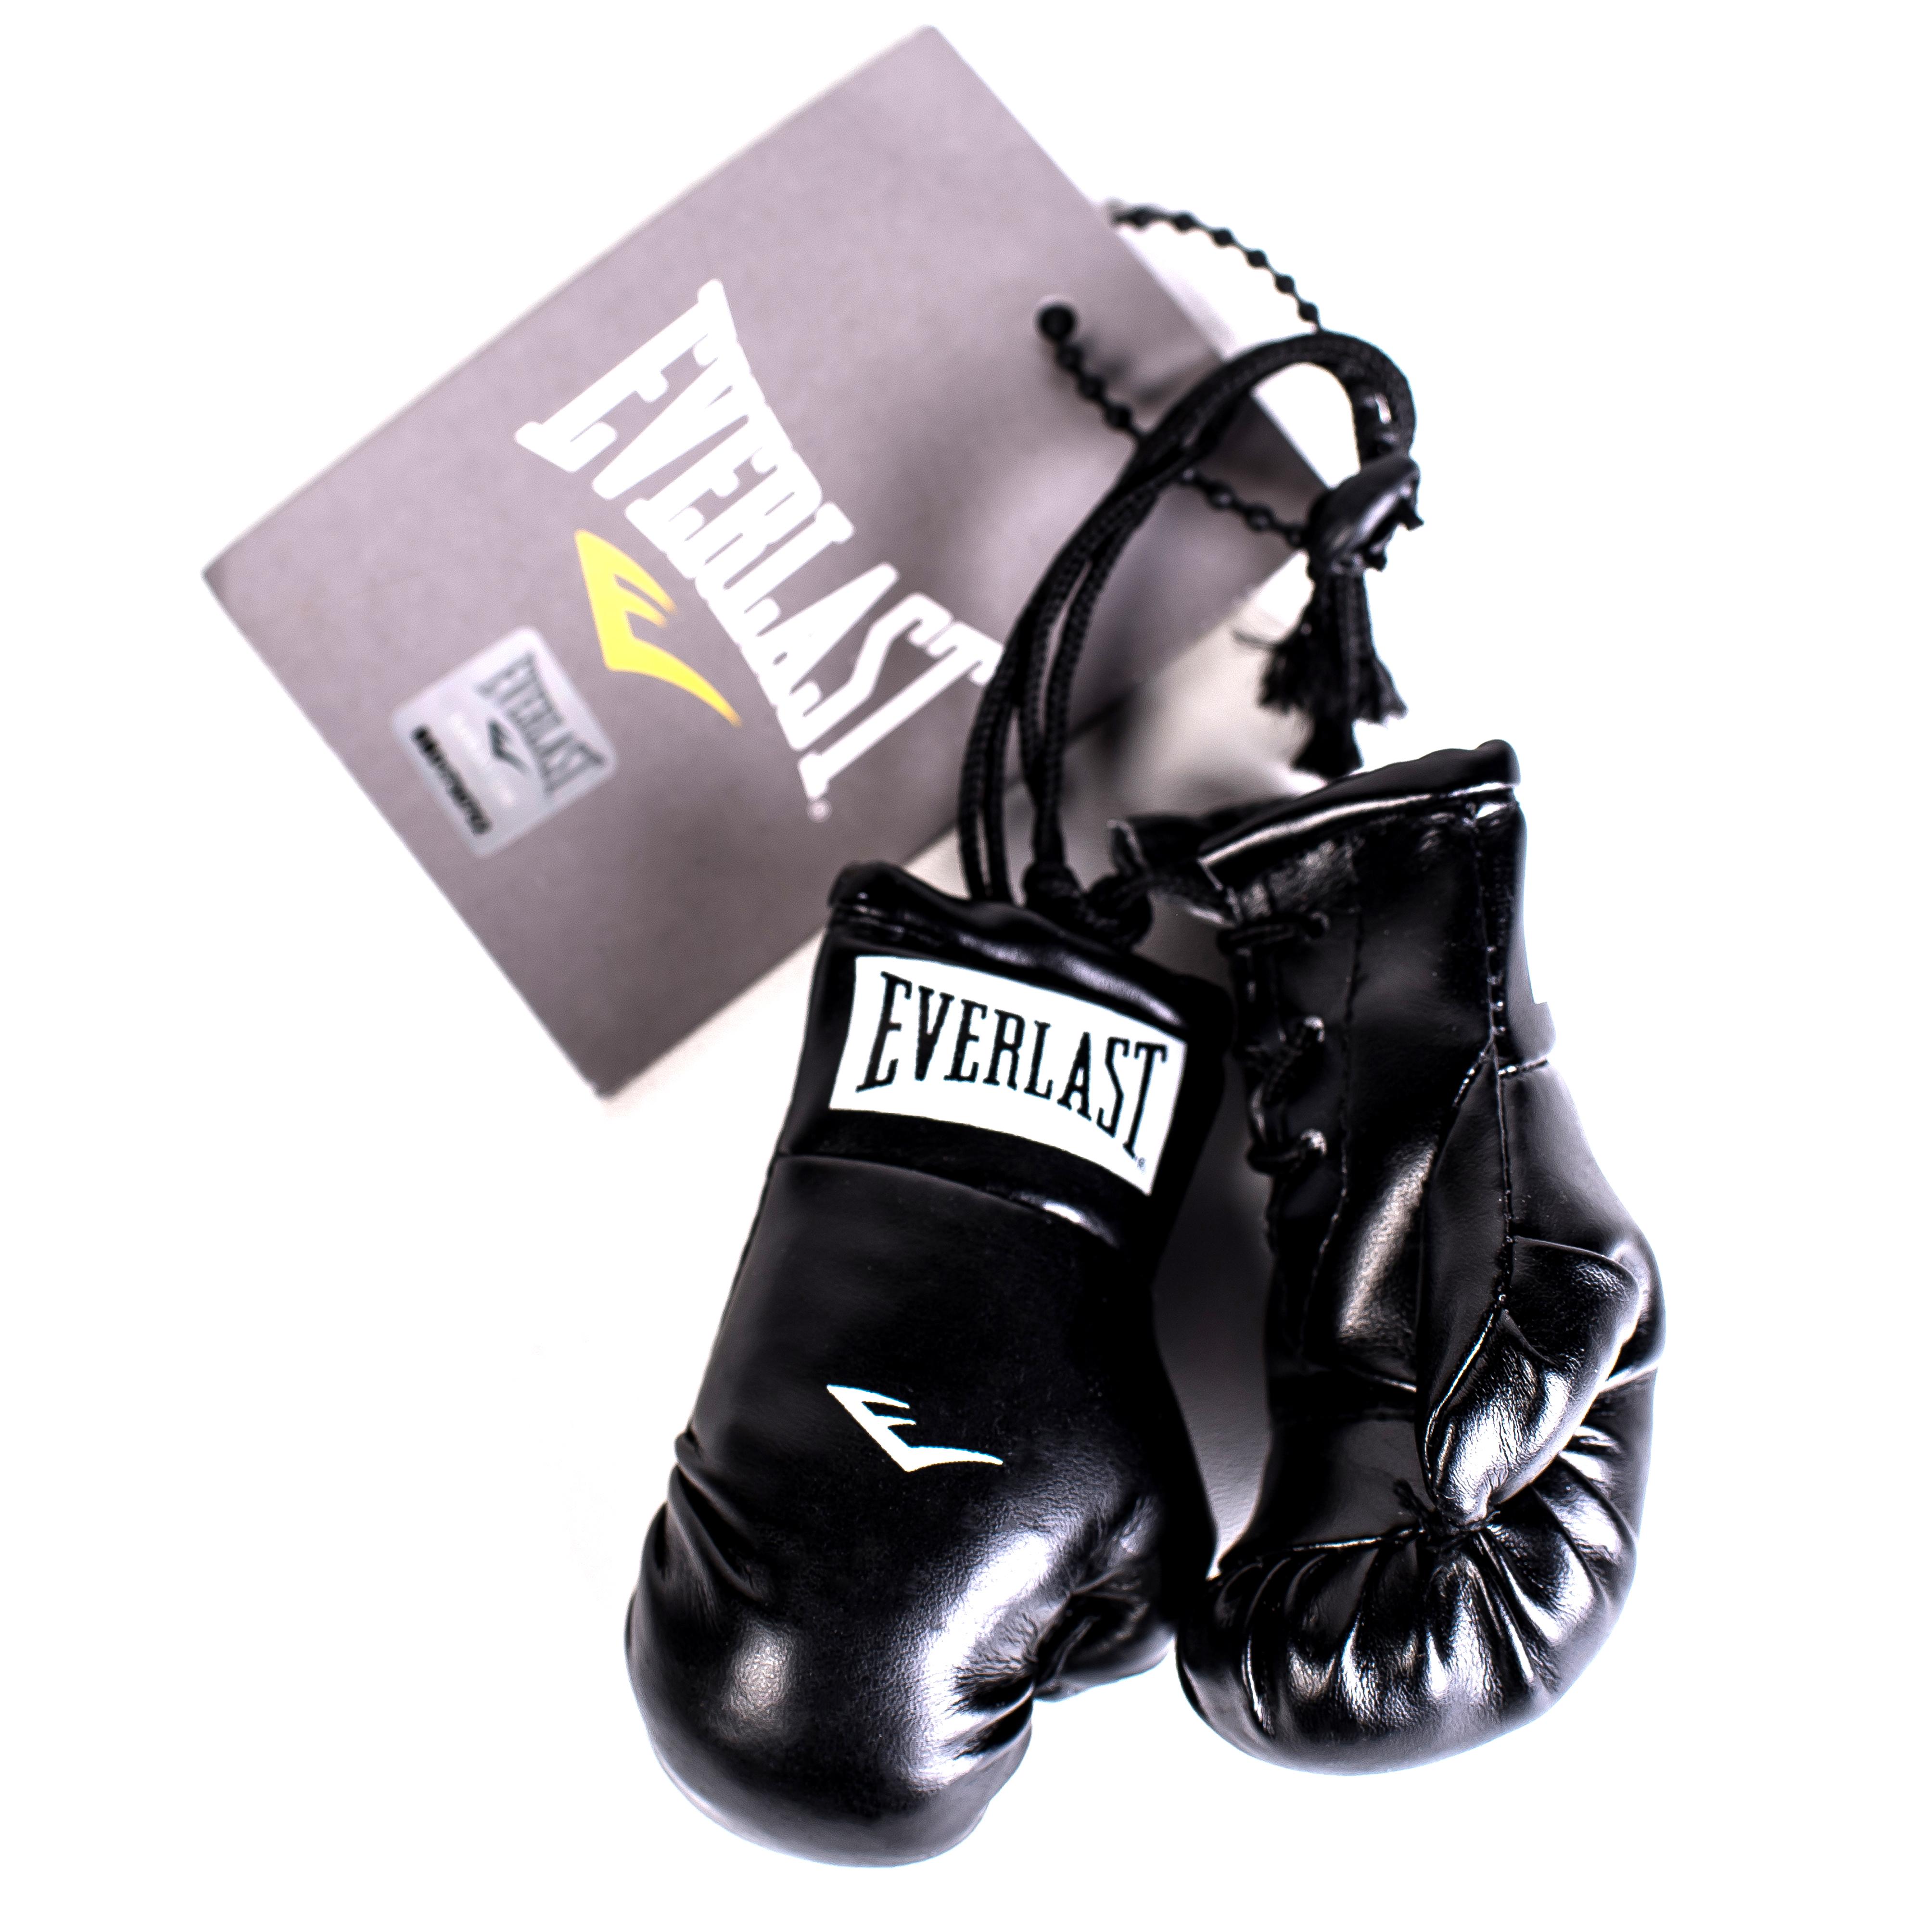 Брелок Everlast Mini Boxing Glove In Pairs, цвет: черный800001Брелок Everlast Mini Boxing Glove In Pairs в виде пары боксерских перчаток. Аутентичны оригиналу вплоть до шнуровки на манжетах. Превосходно подходят для автомобильного зеркала в салоне, спортивной сумки или просто для украшения вашей комнаты.